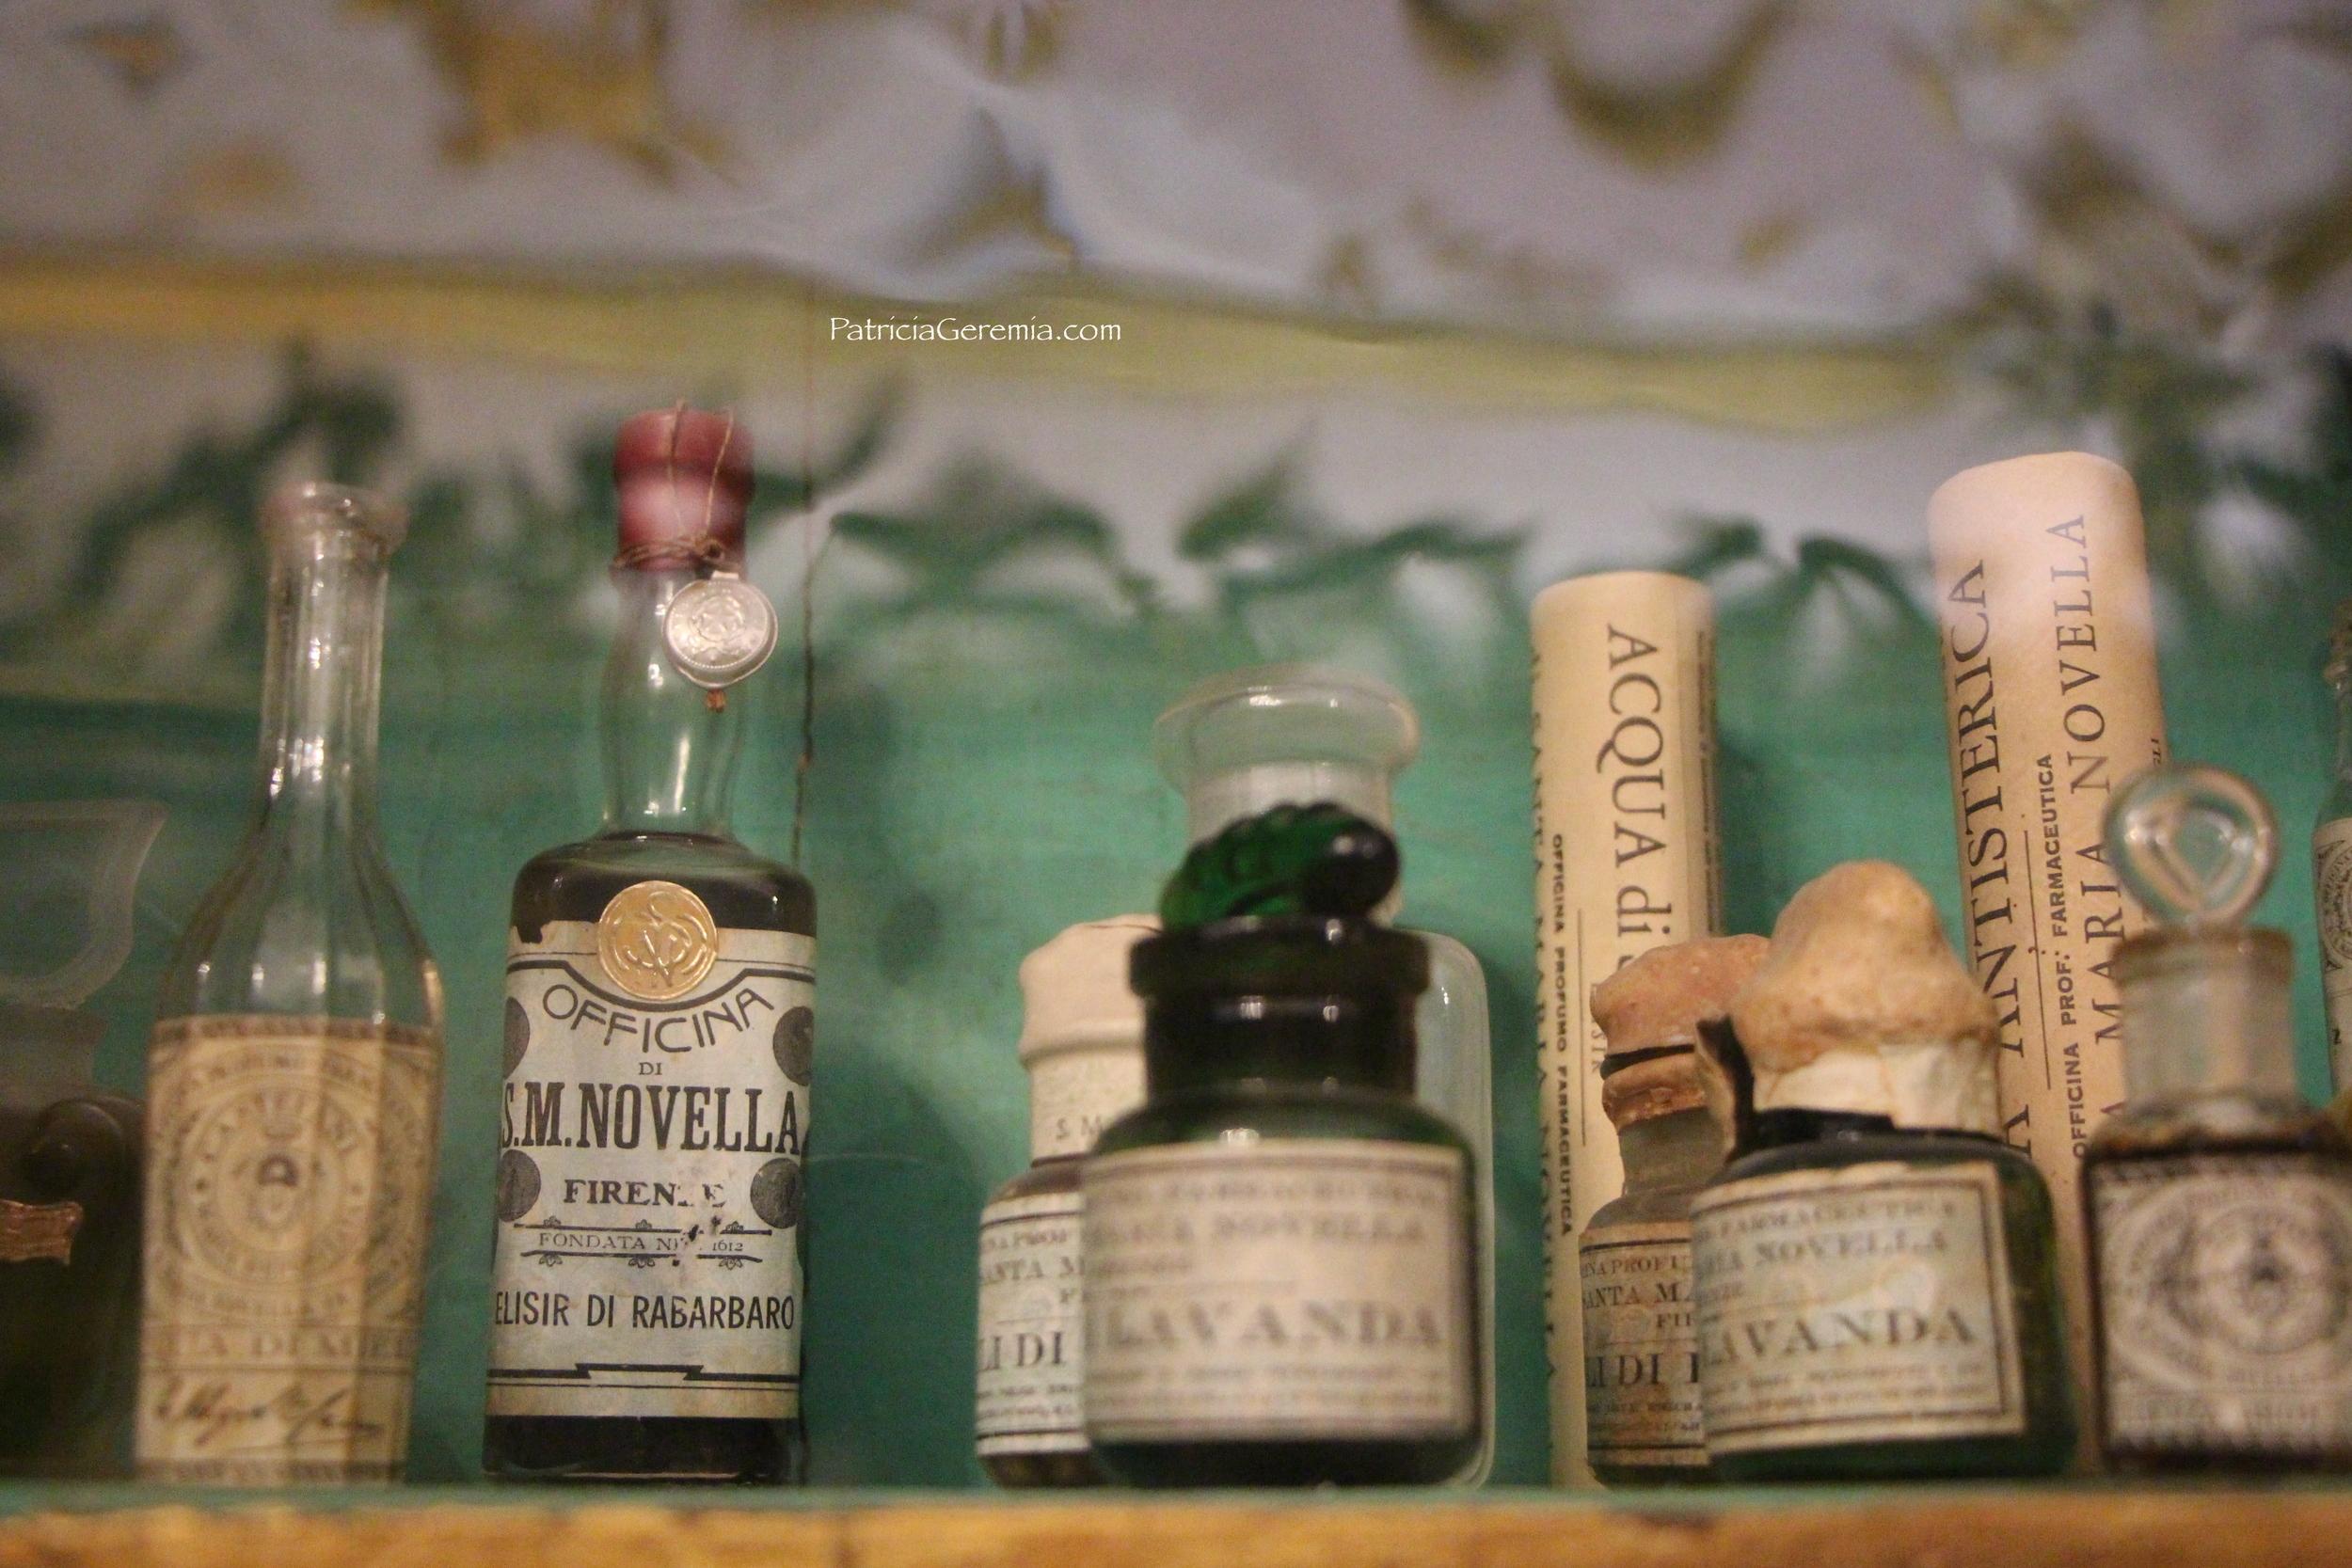 SMN bottles.JPG